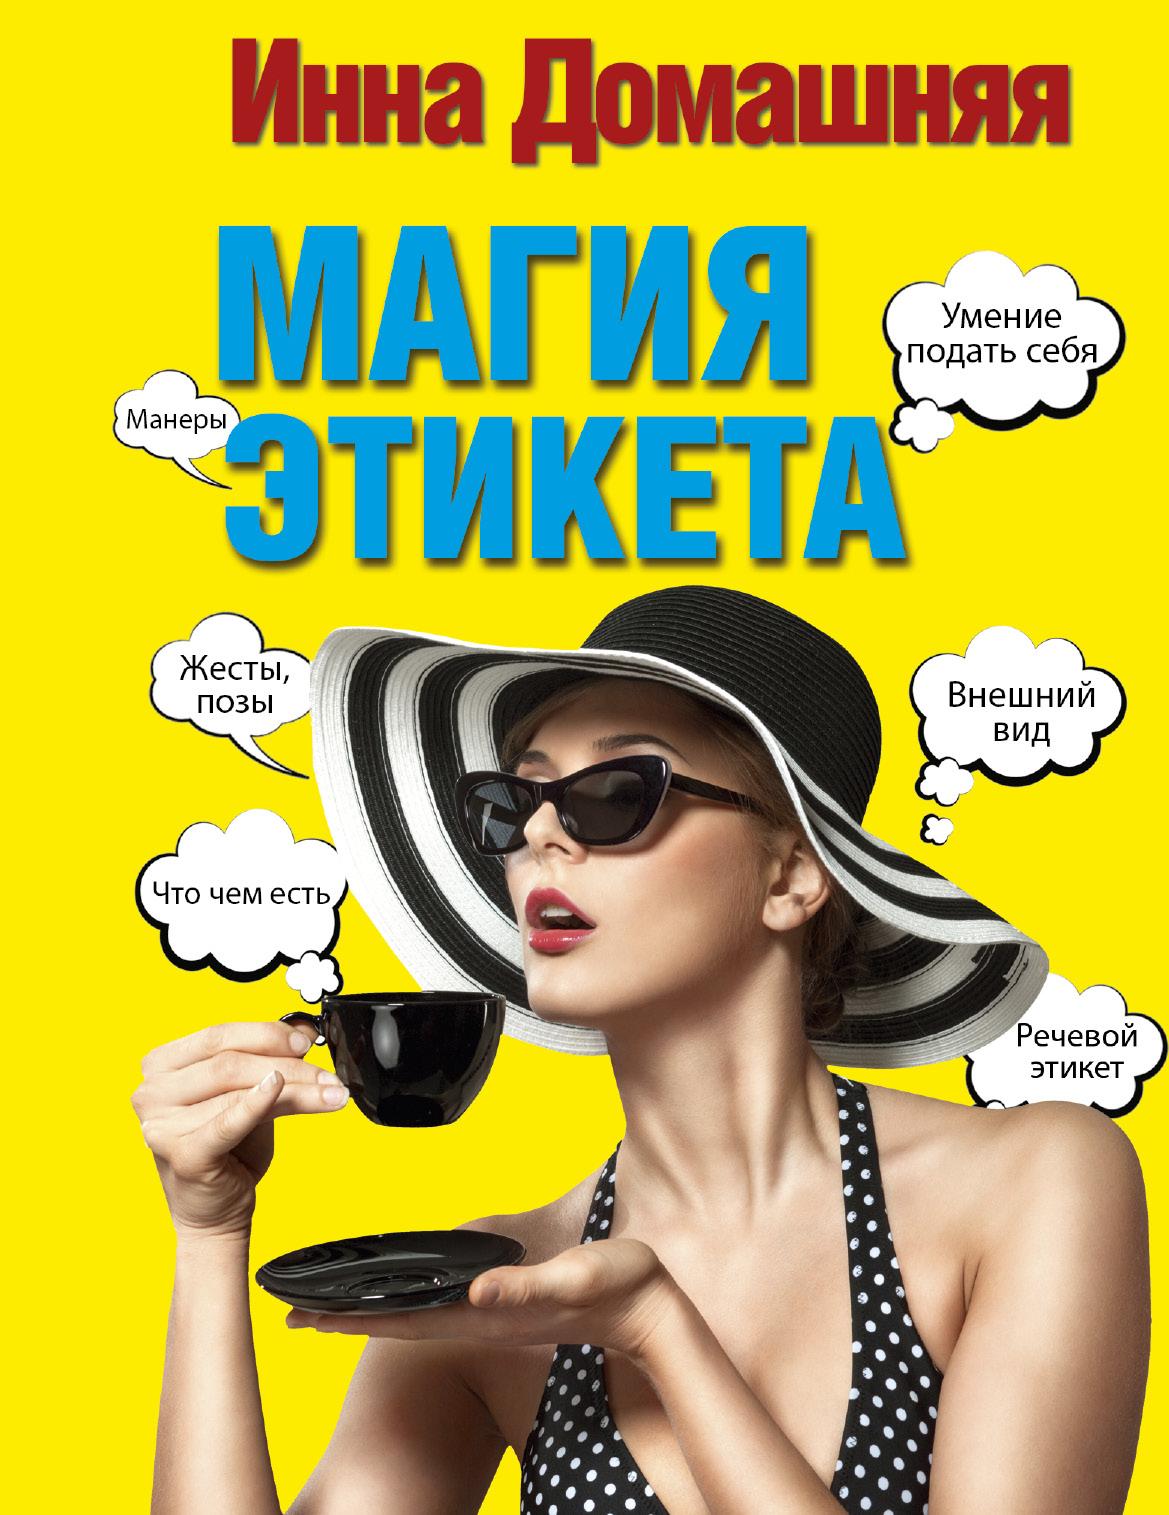 Магия этикета от book24.ru